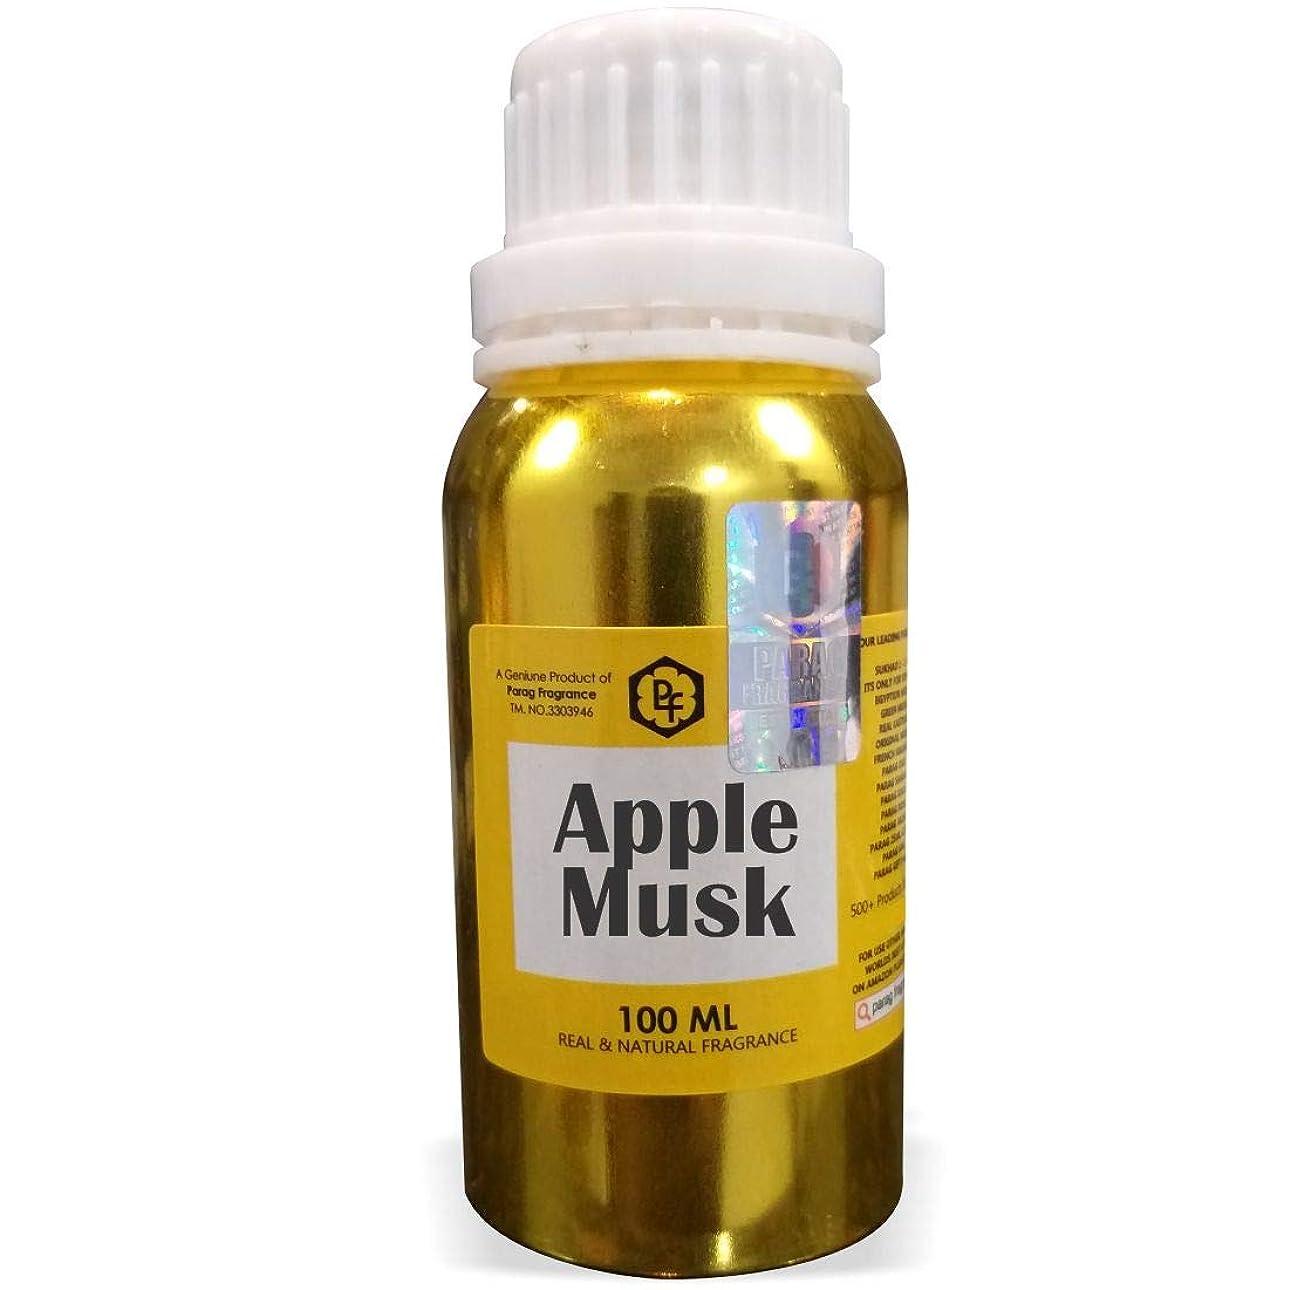 合理化破産そばにParagフレグランスアップルムスクアター100ミリリットル(男性用アルコールフリーアター)香油| 香り| ITRA